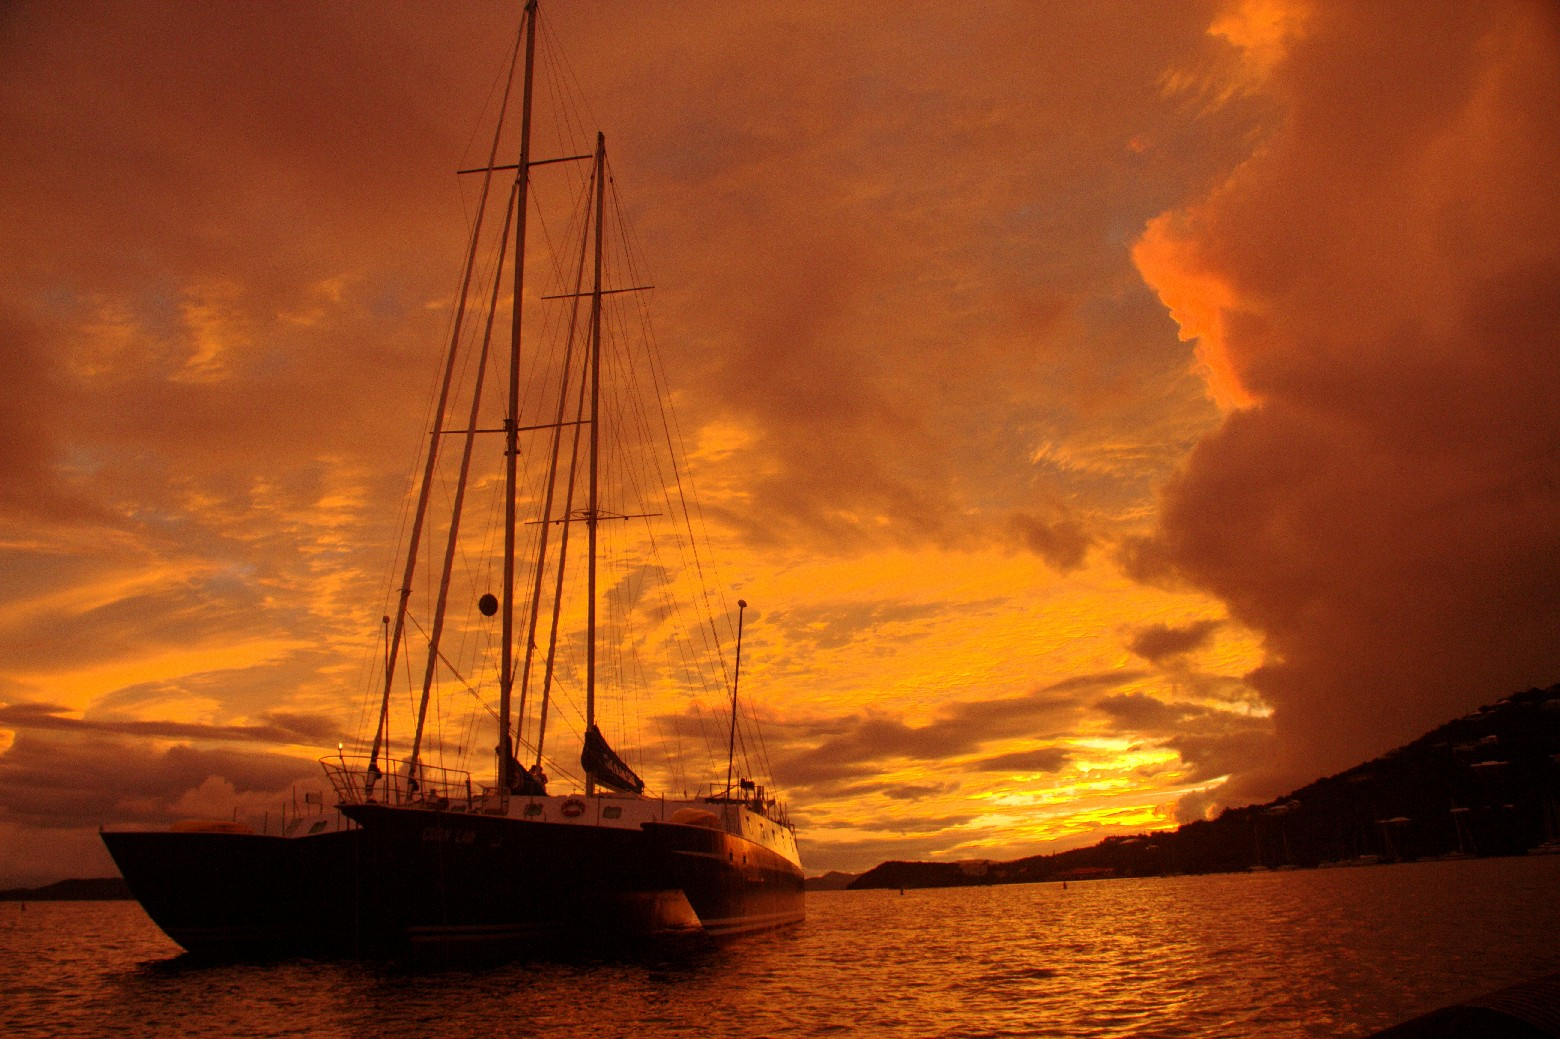 Vista do Cuan Law, uma das opções de veleiros nas Ilhas Virgens Britânicas